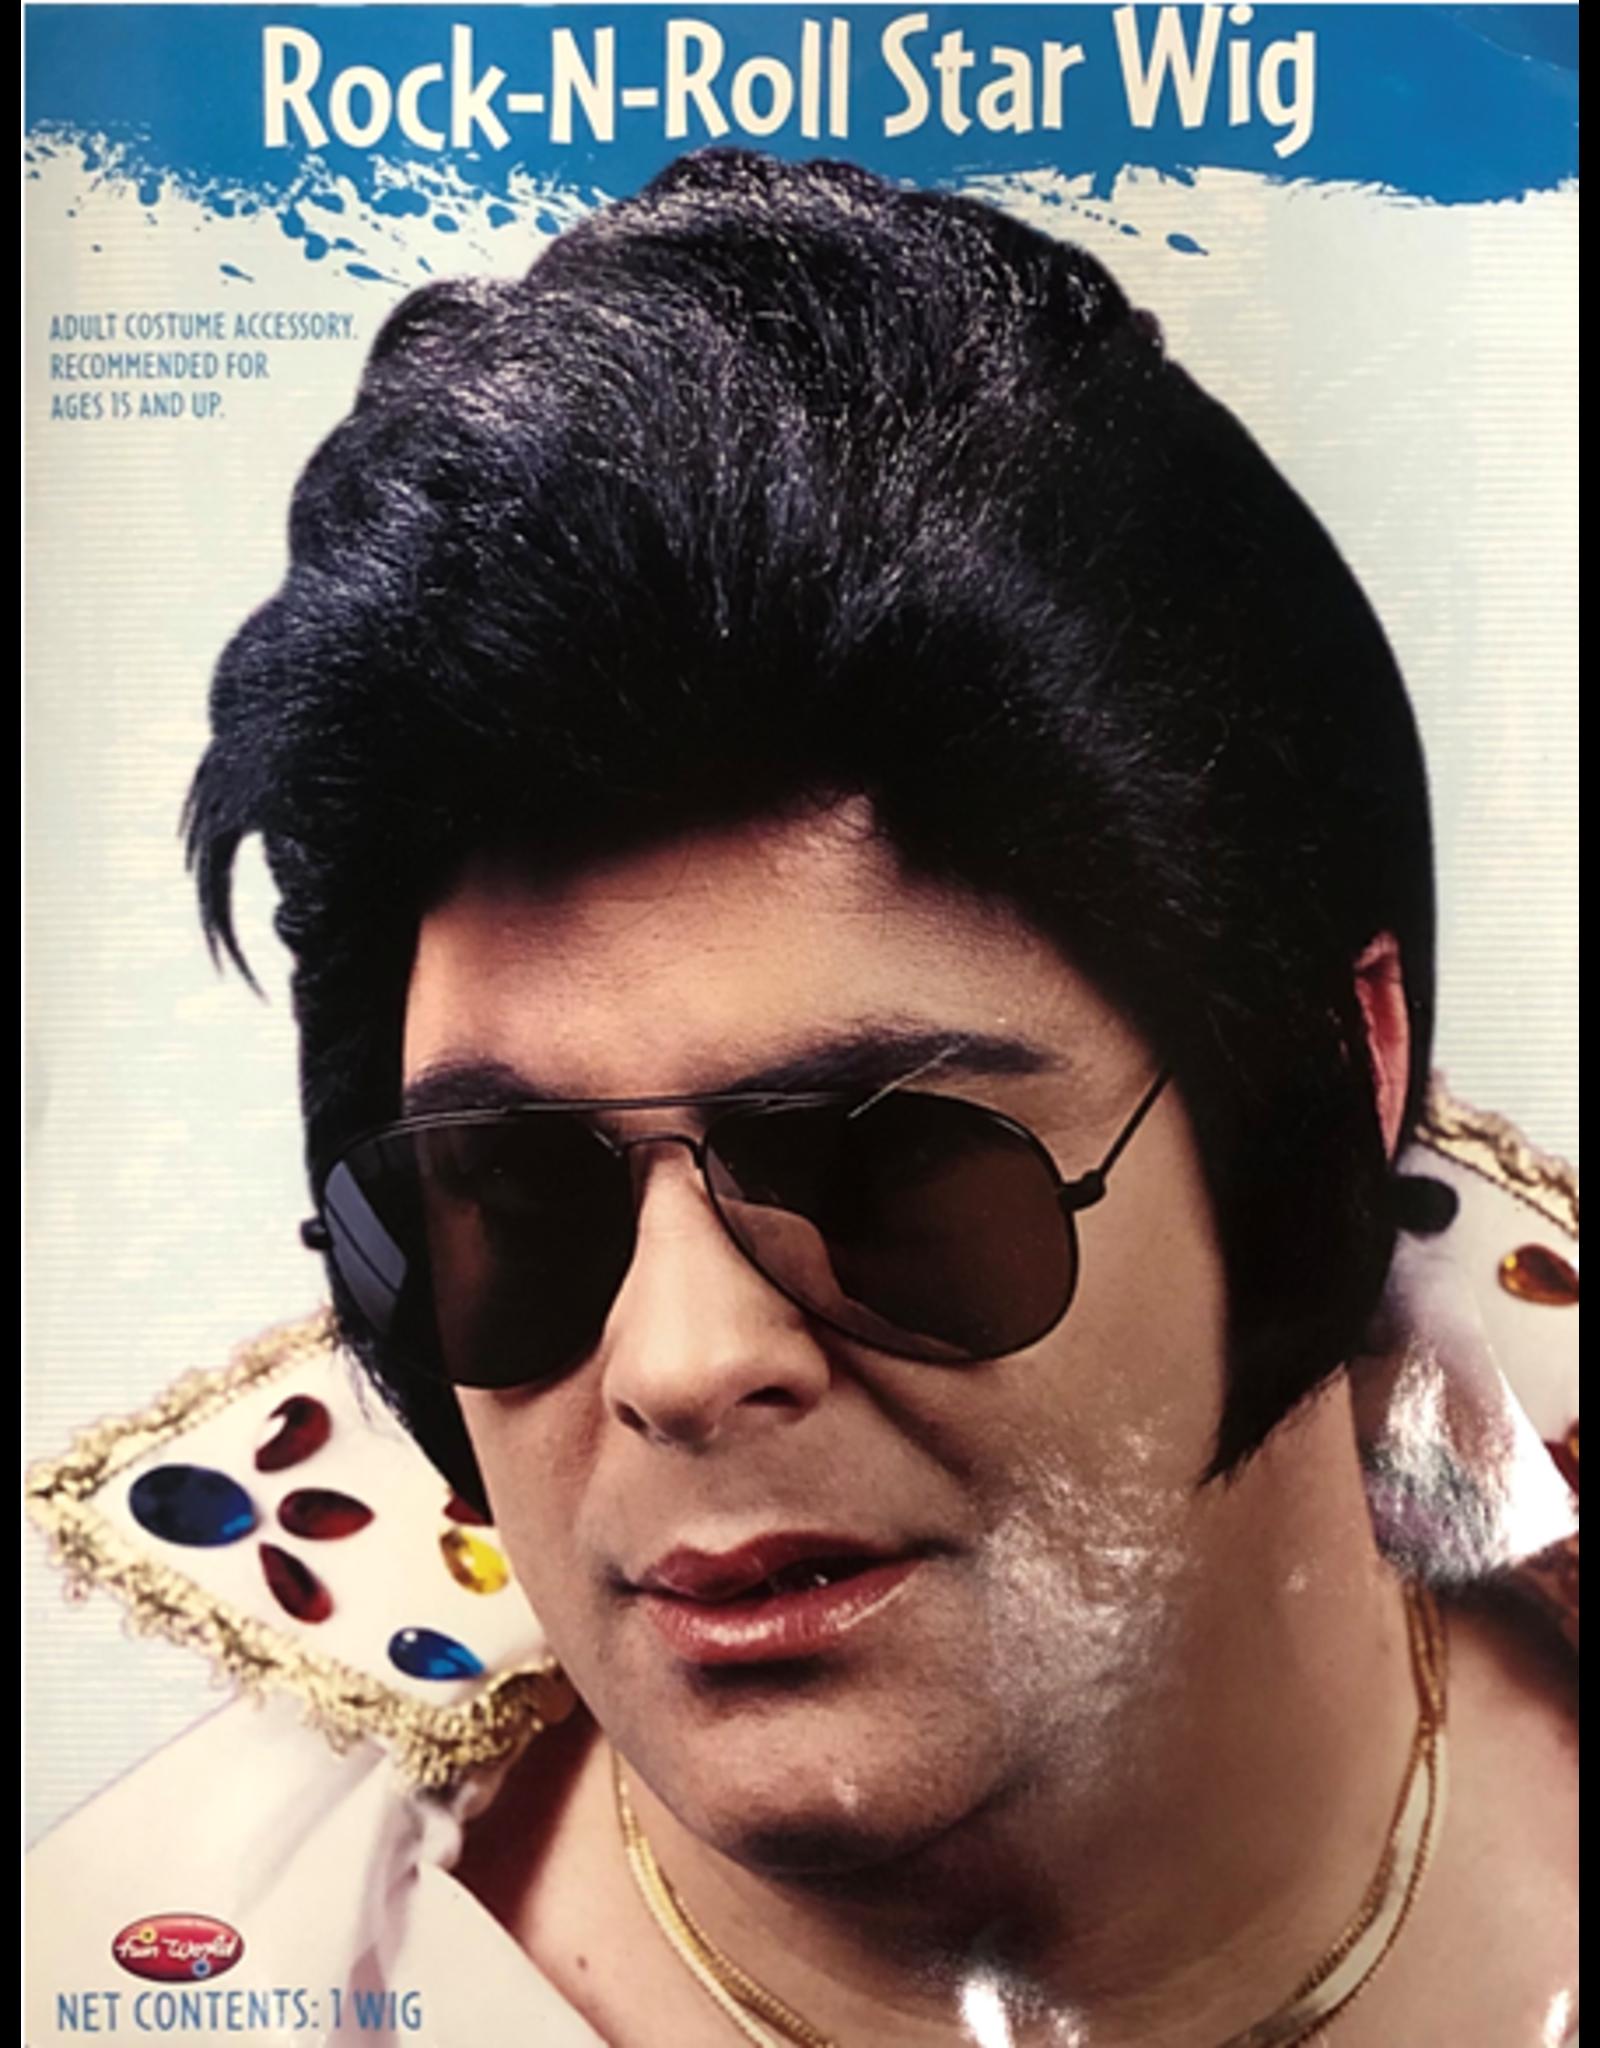 Fun World Rock-N-Roll Star Wig